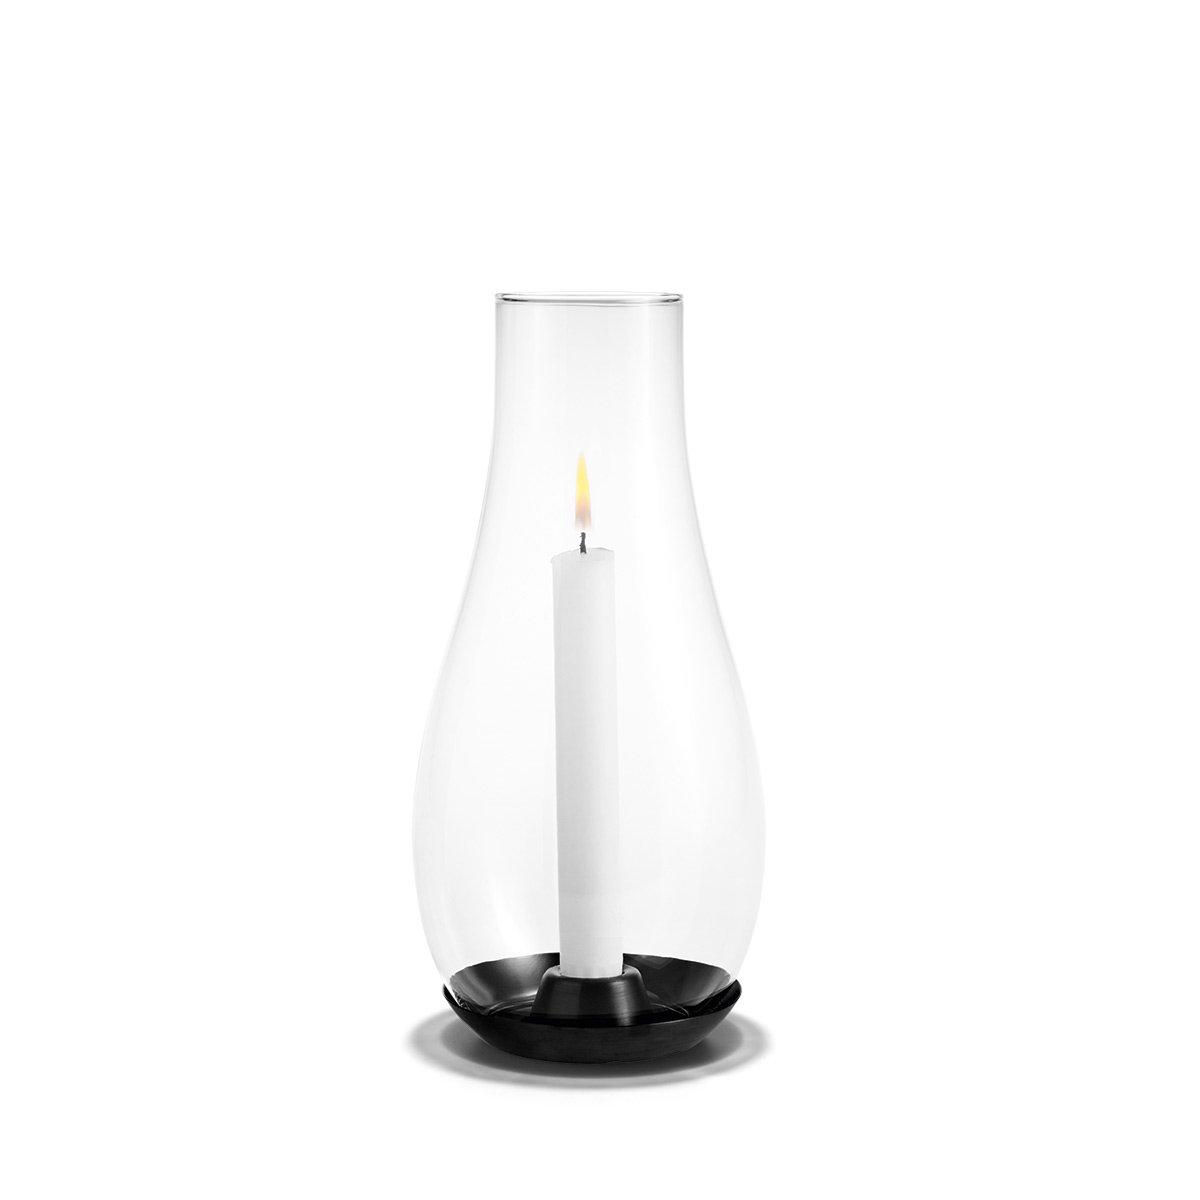 Holmegaard - Design Design Design with Light Kerzenhalter, Glas, Stahl, für Stabkerzen, Laterne, Windlicht 094962